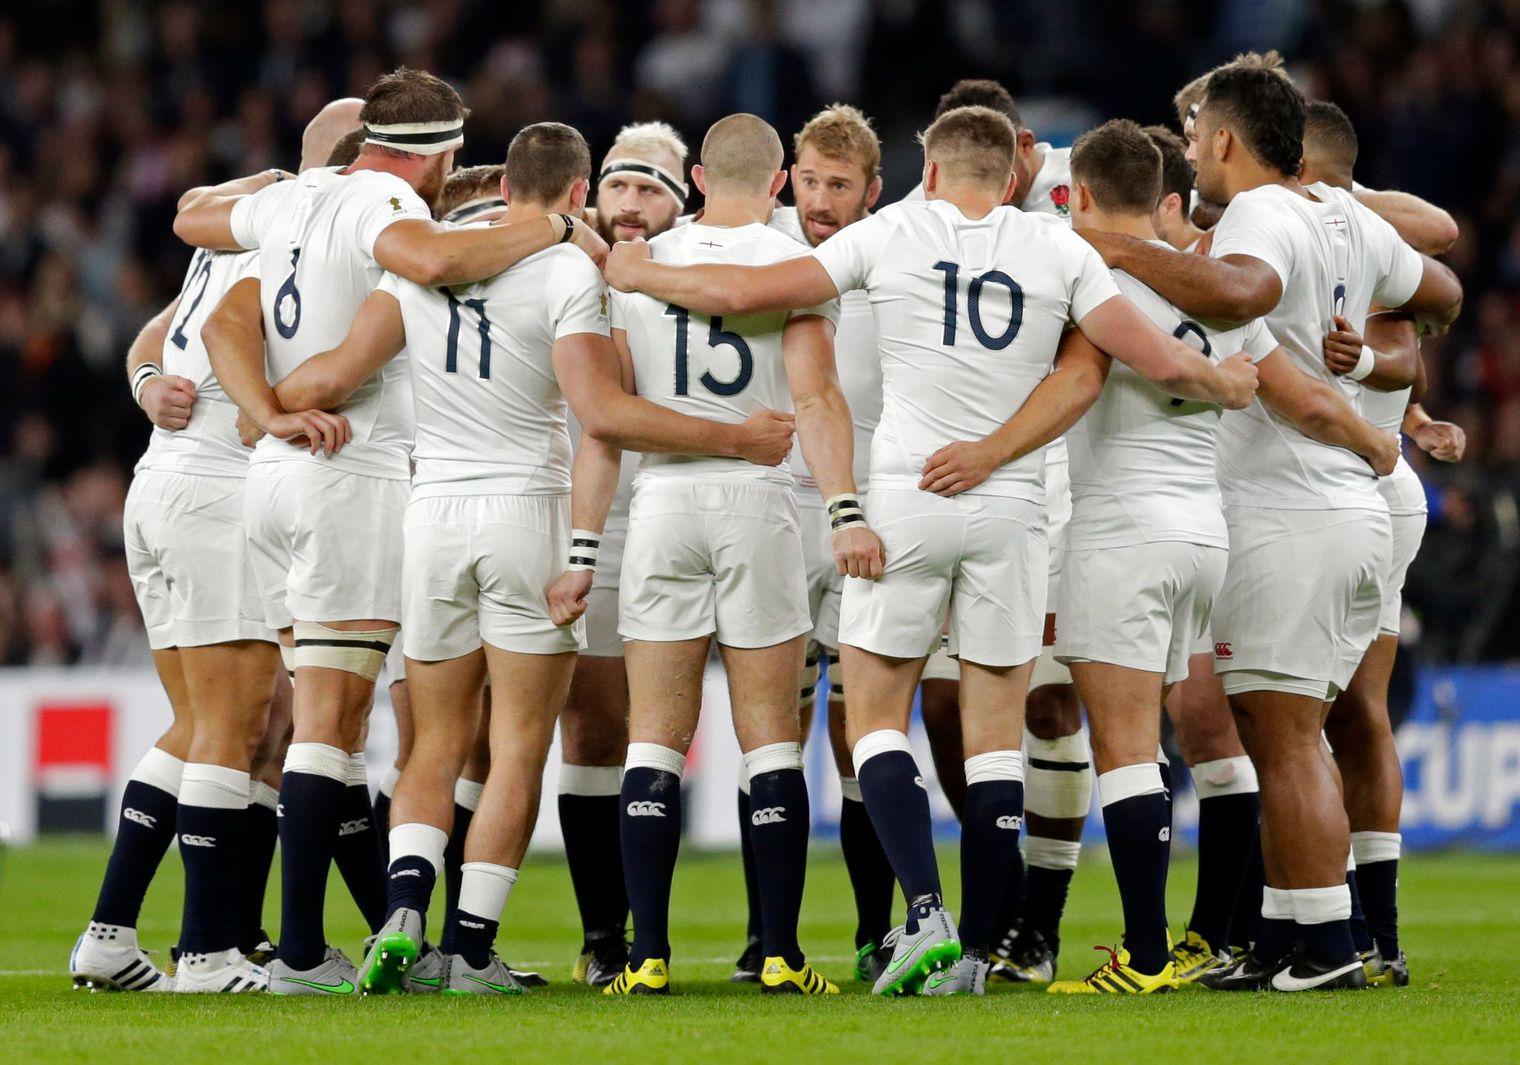 L quipe d angleterre re oit une augmentation massive de - Coupe du monde de rugby en angleterre ...